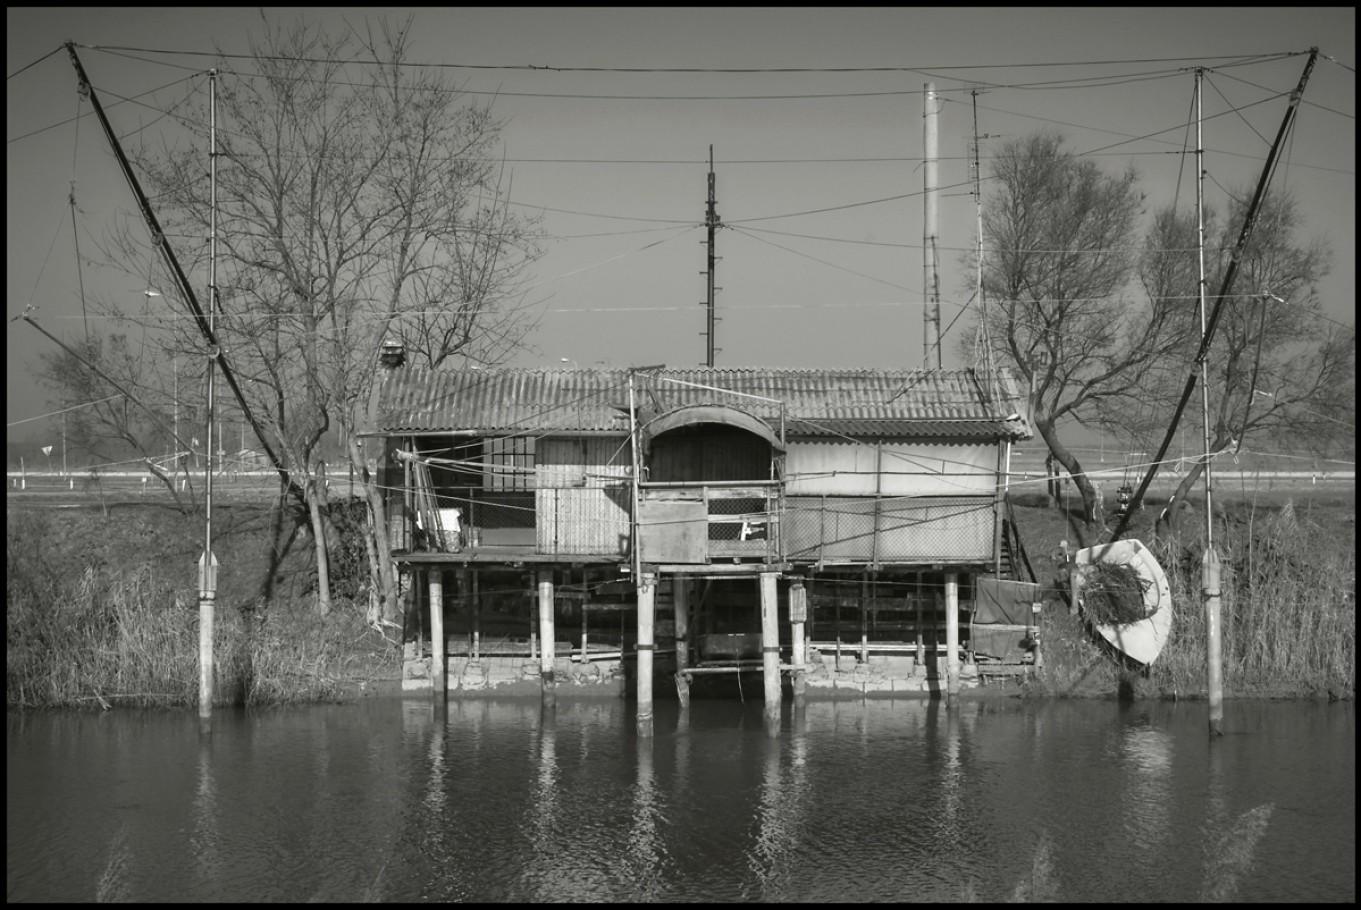 30 dicembre 2005, capanno sul fiume Lamone